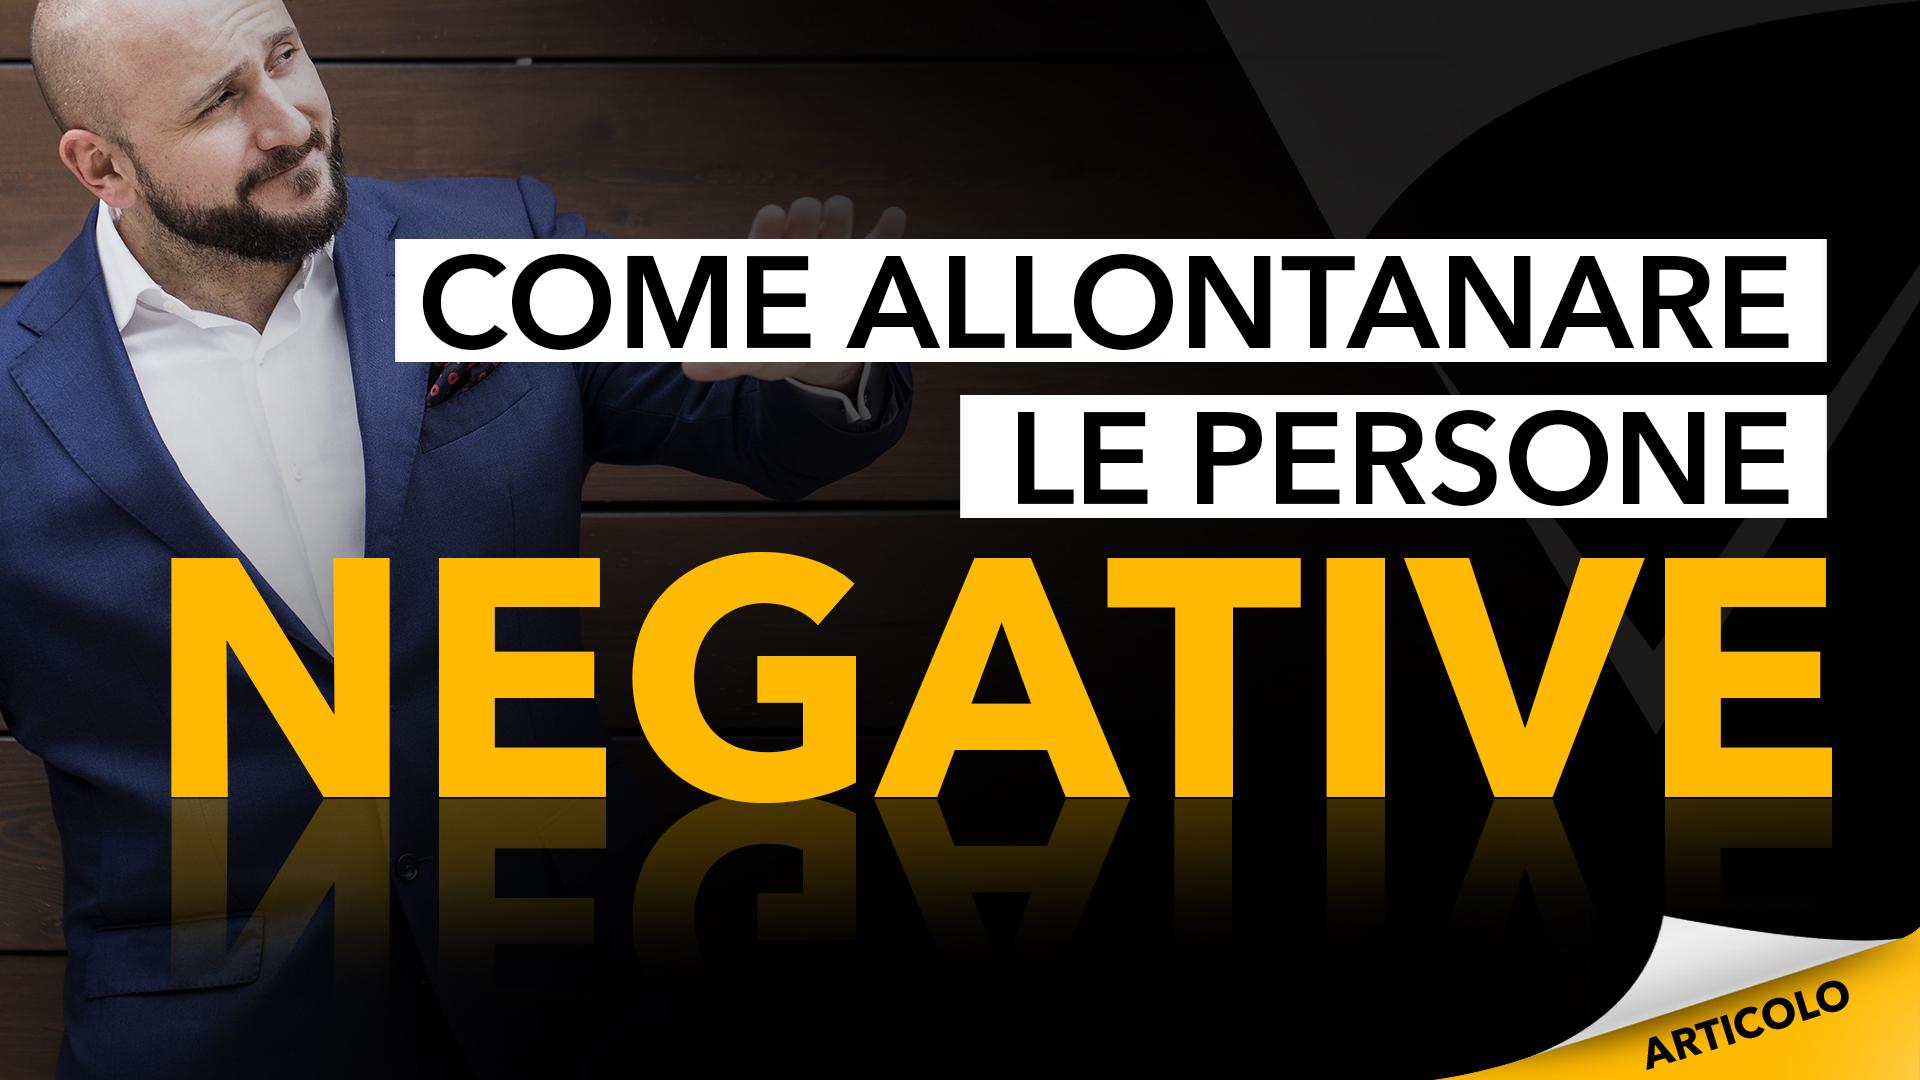 Come Allontanare Le Persone Negative 3 Consigli Per Farcela Davvero